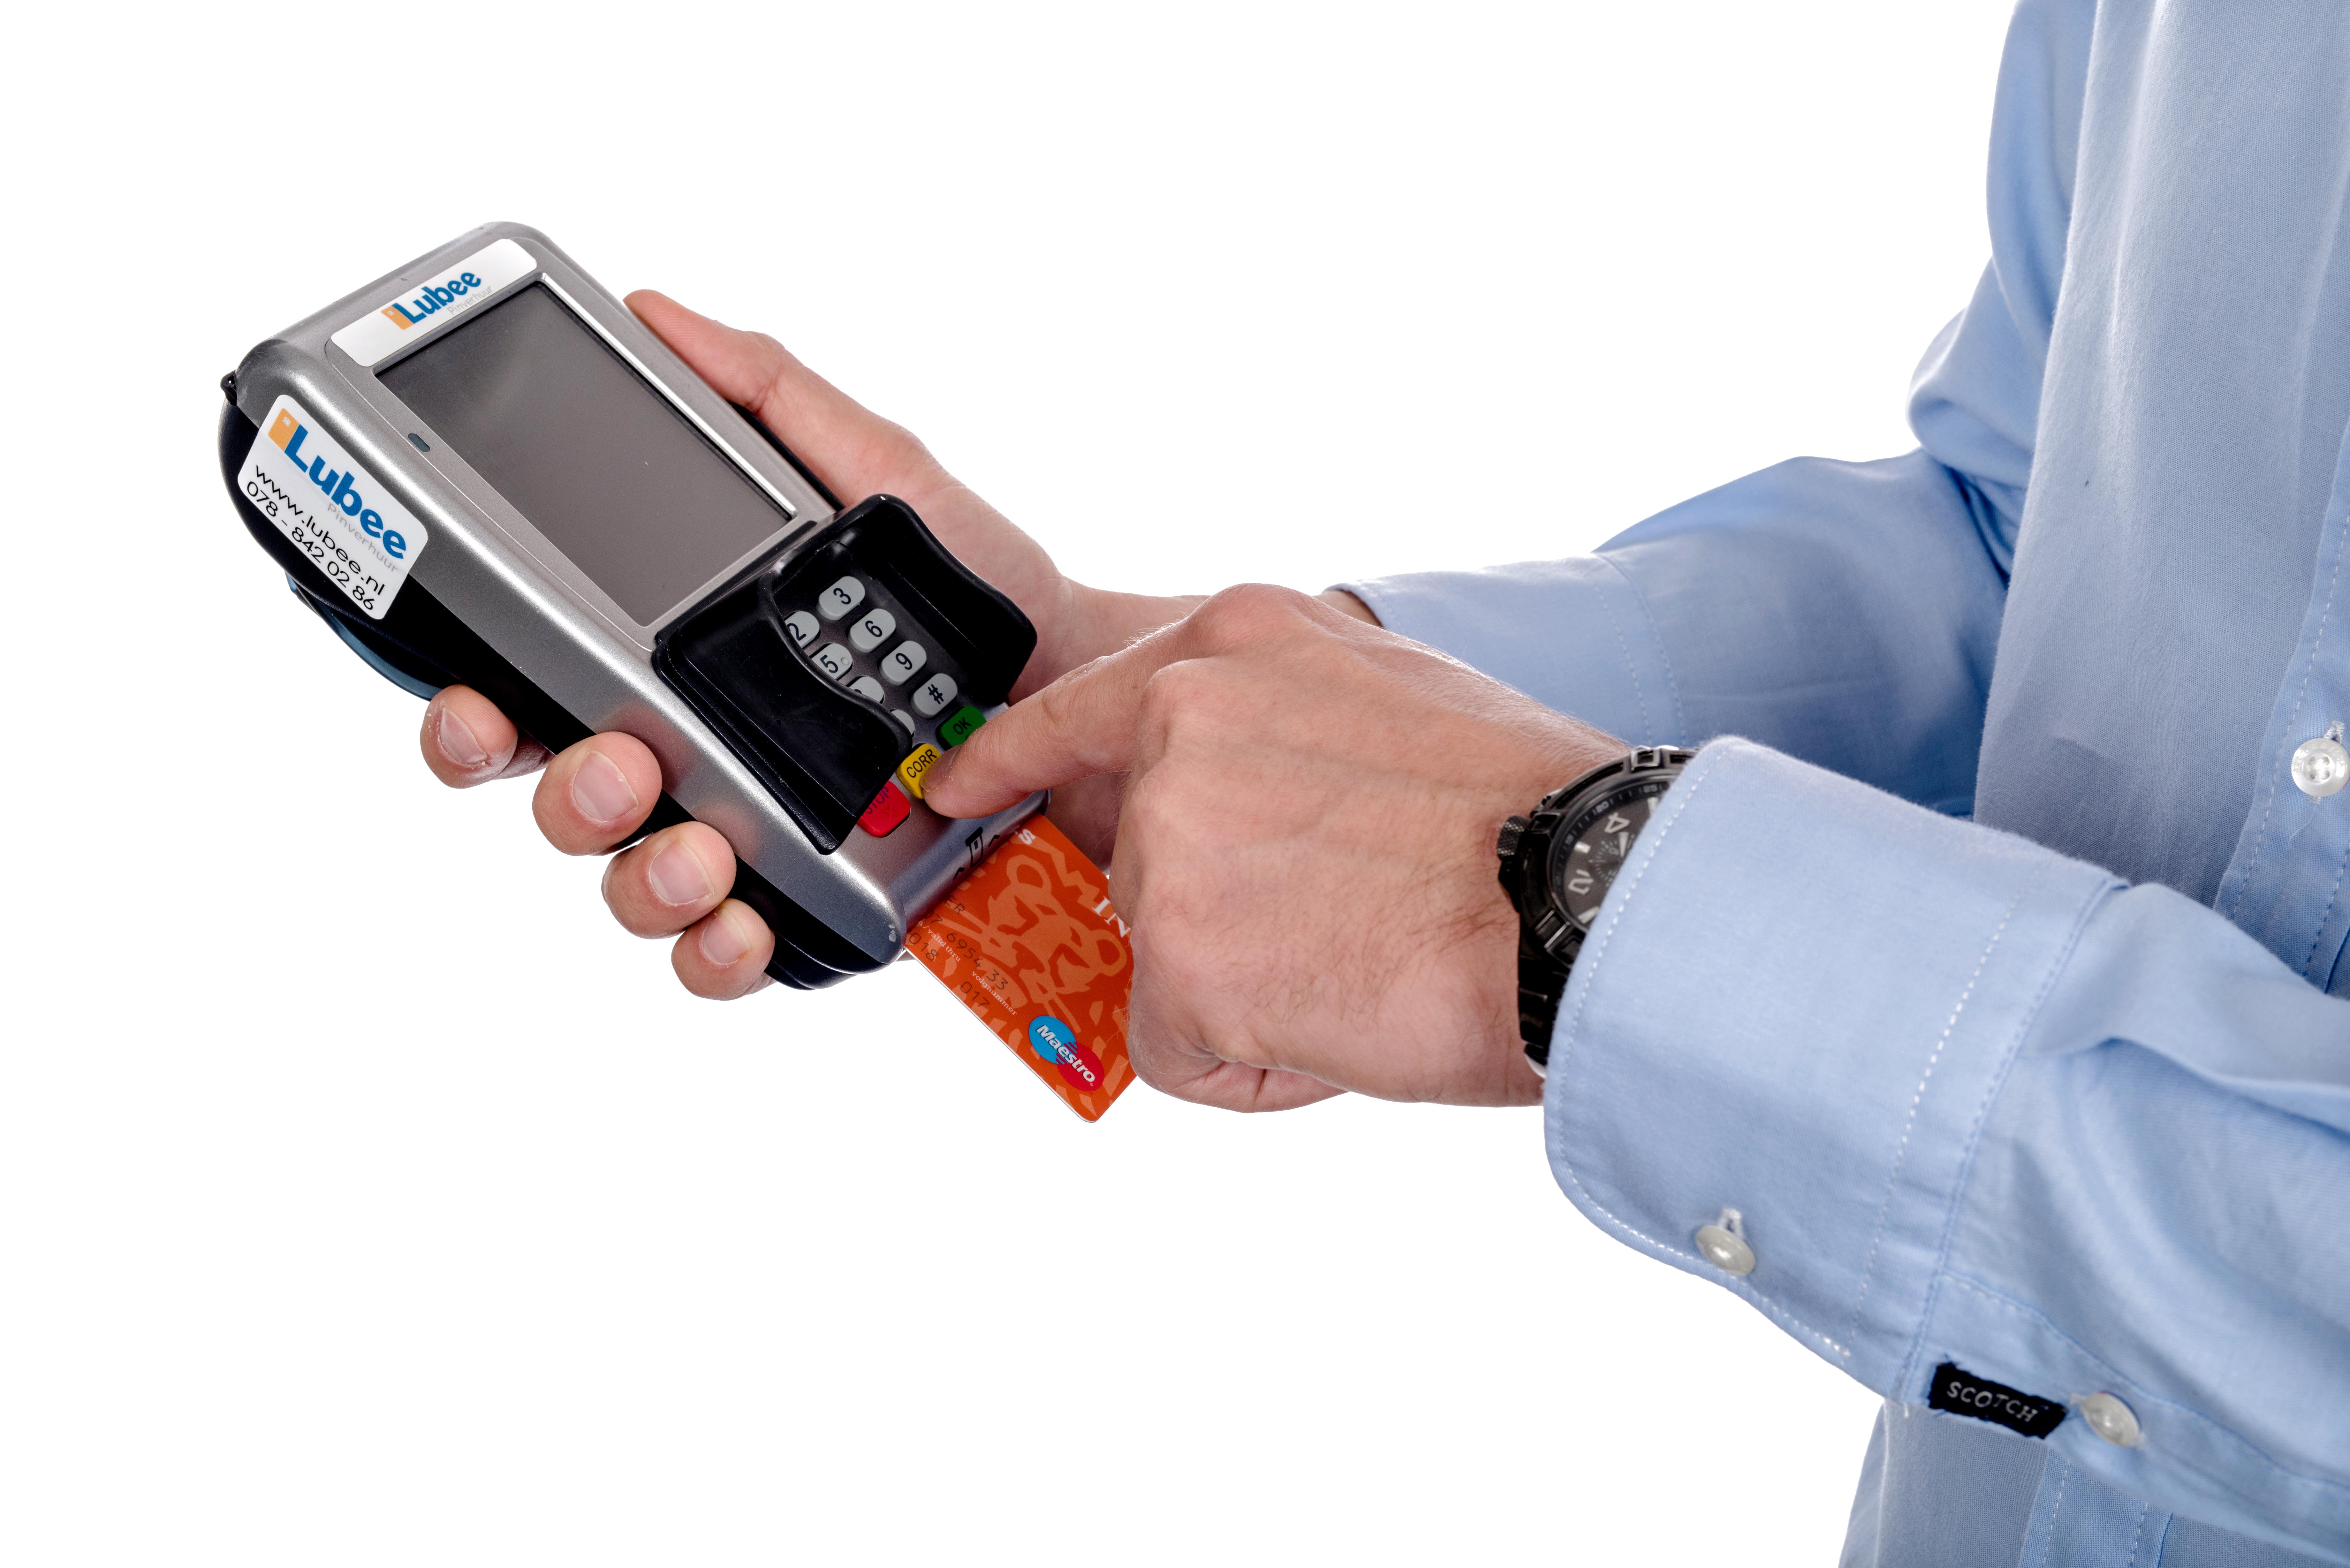 Pinautomaat contactloos betalen